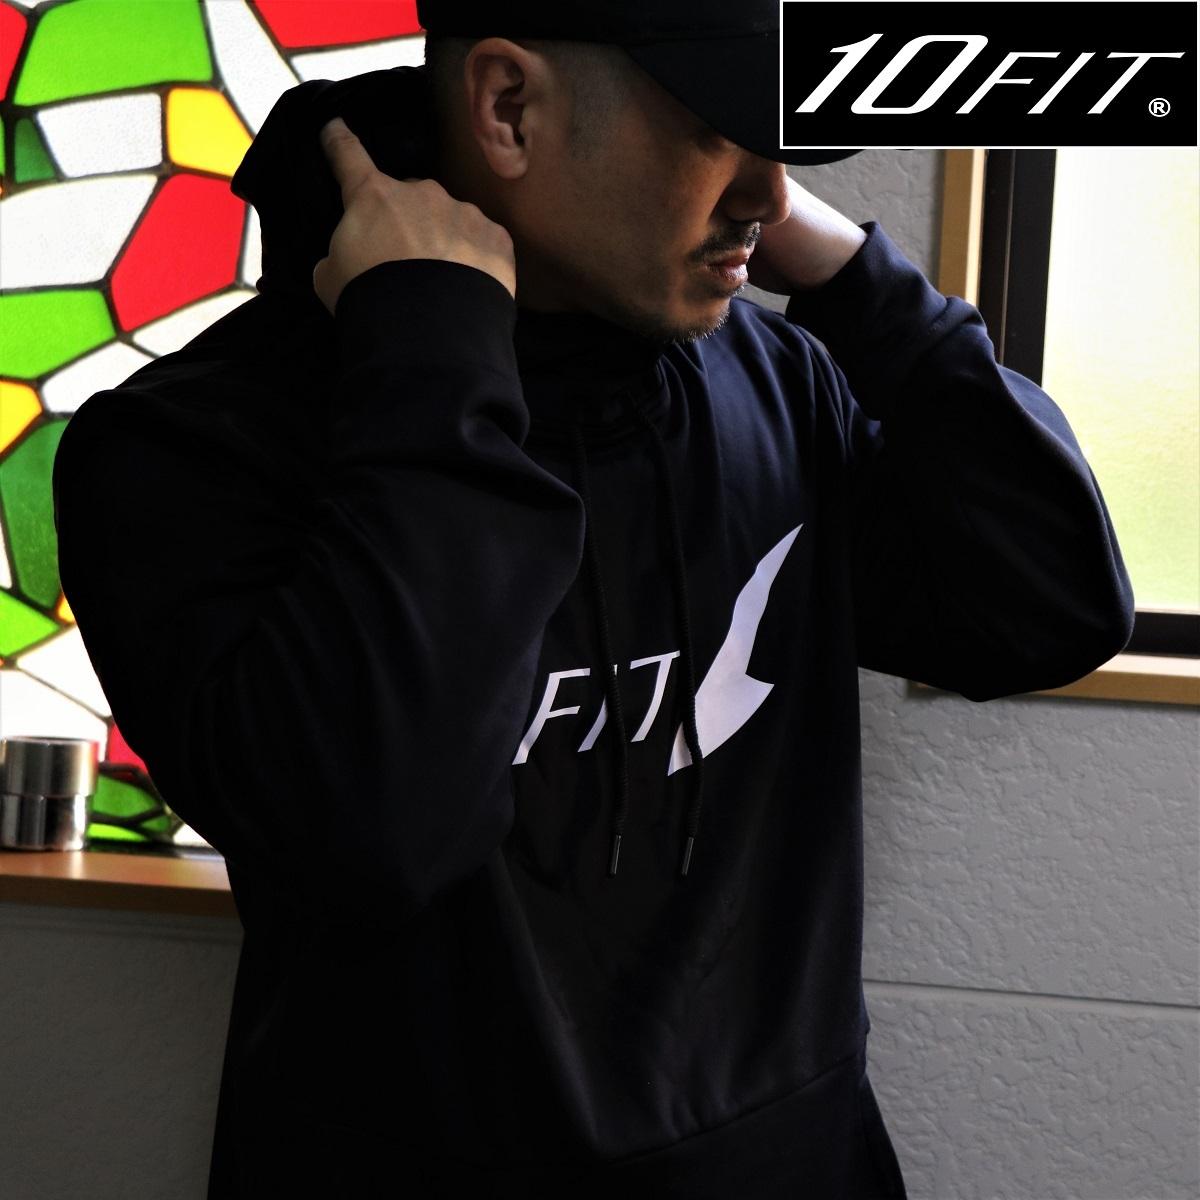 10FIT パーカー トレーニング 筋トレ ボディビル メンズ TE-08 黒